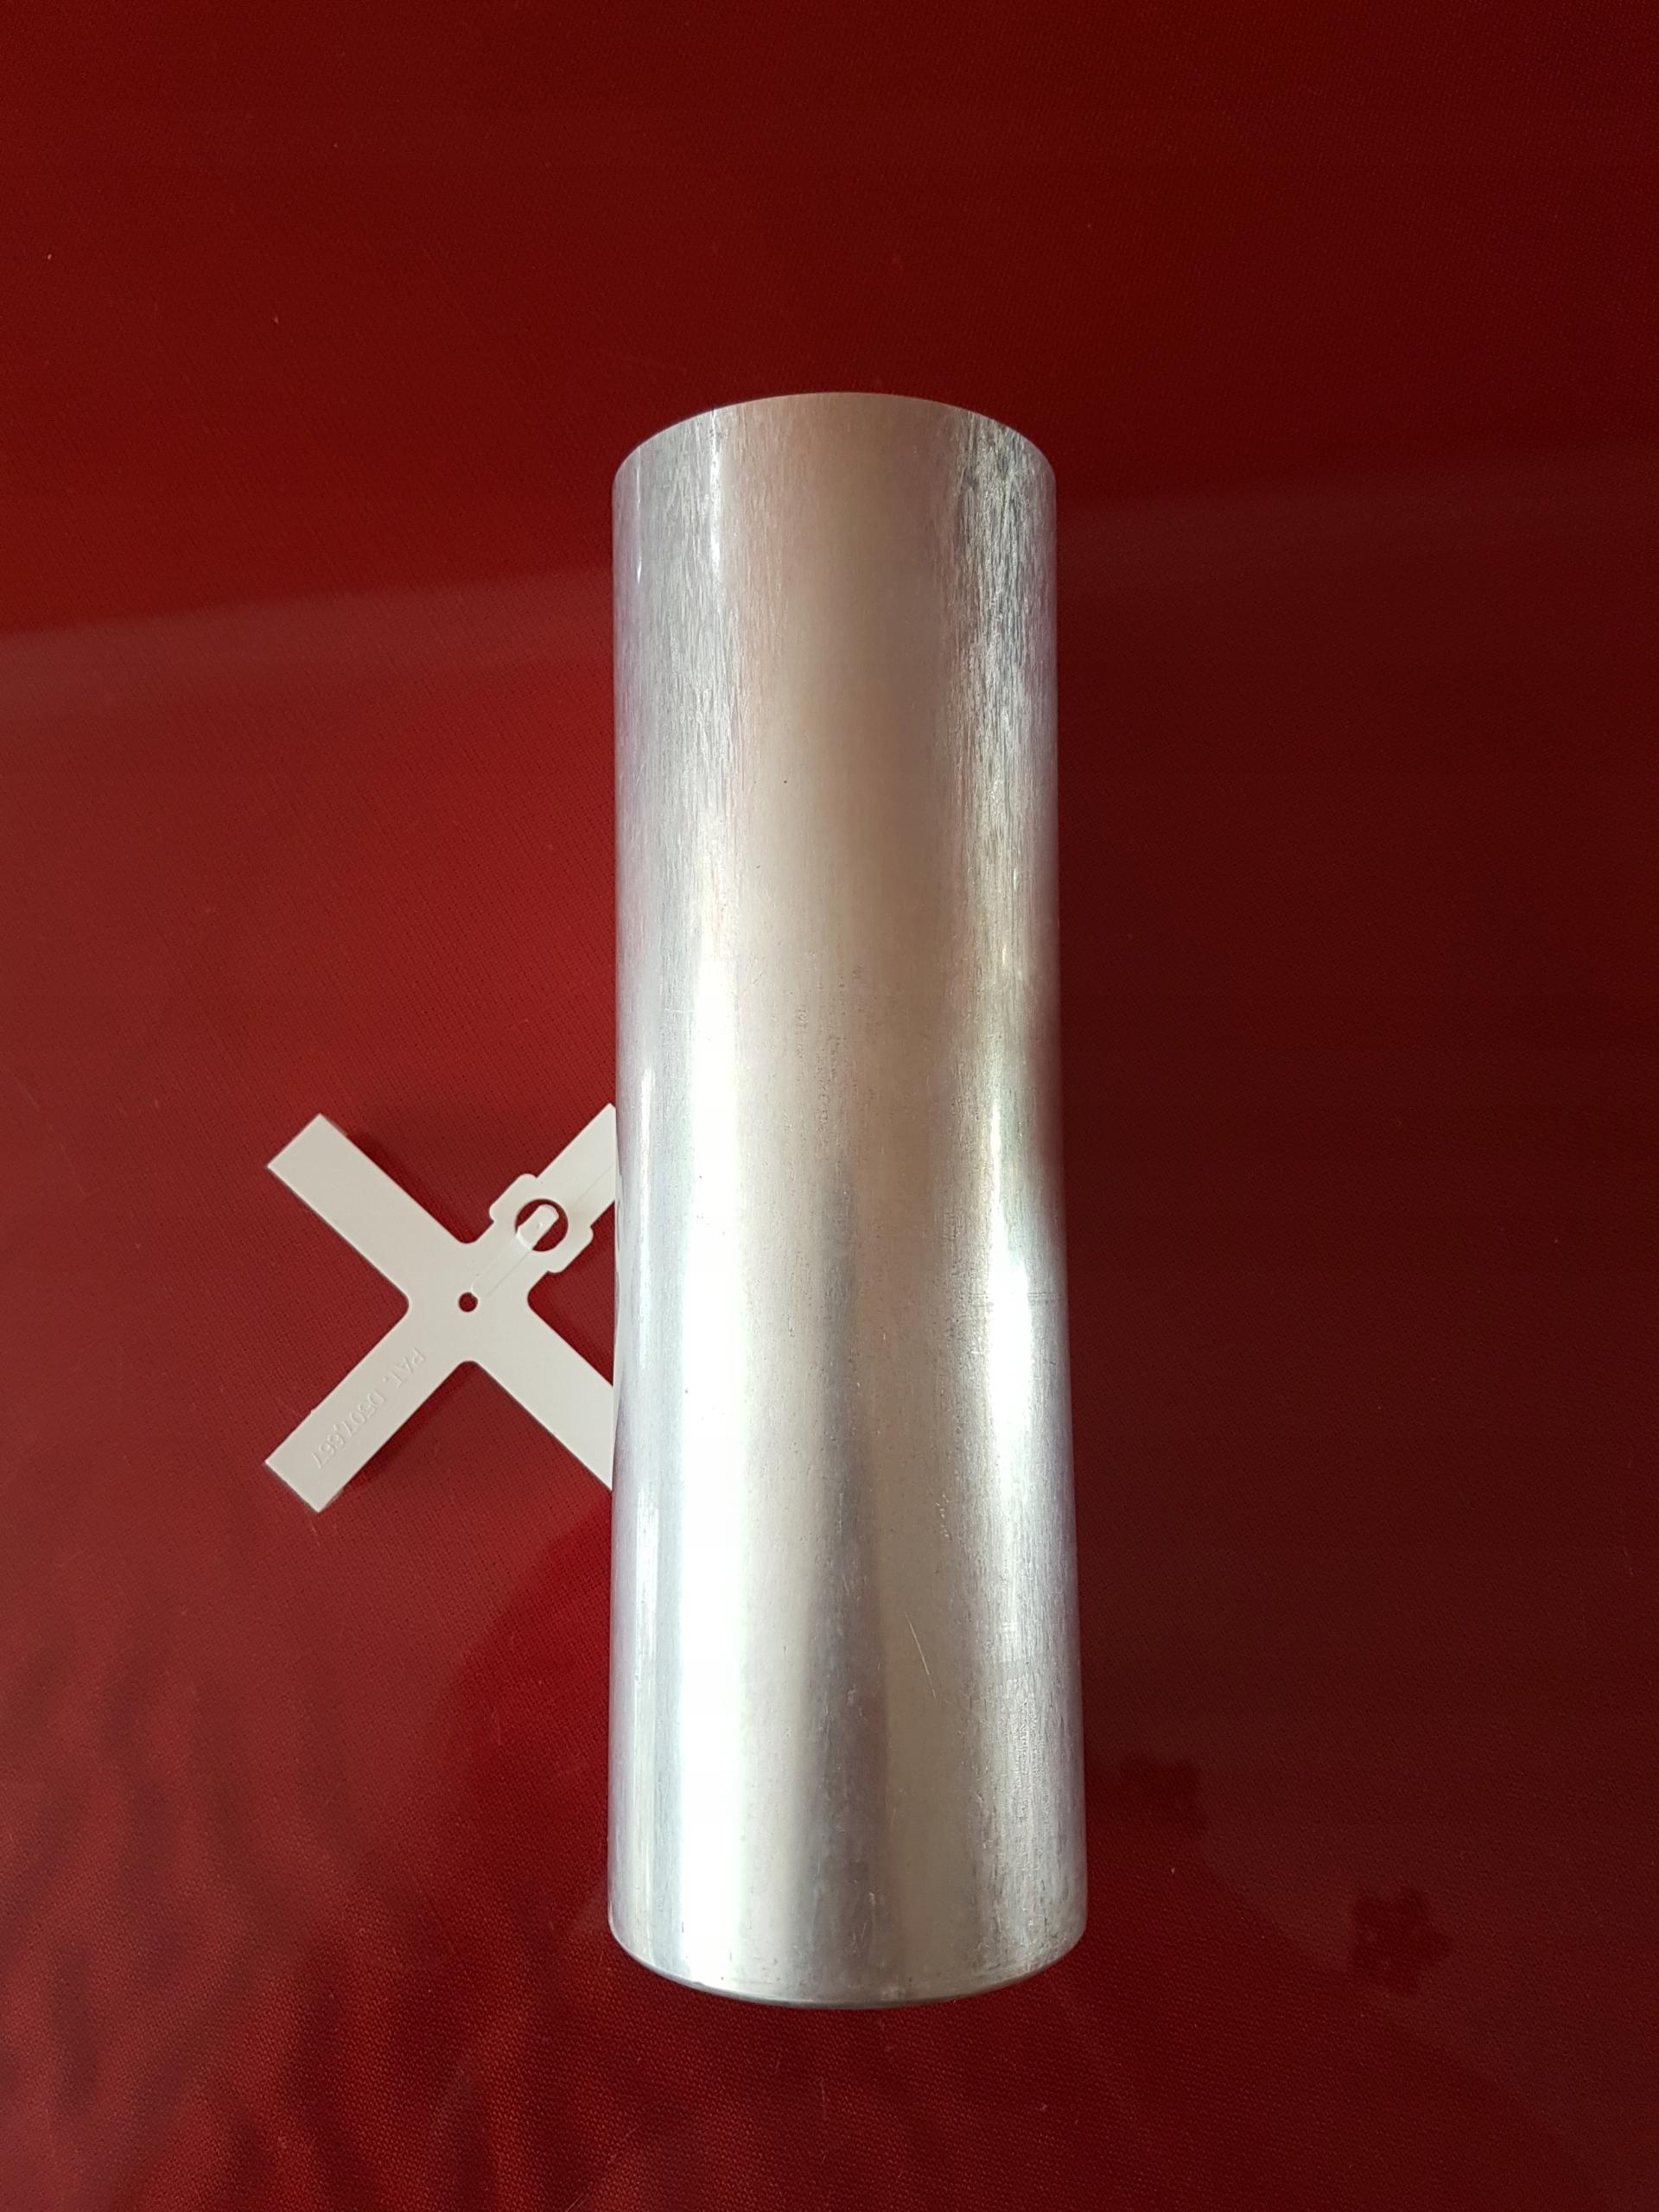 Bardzo dobra Forma do świec walec aluminium wysoka wolnostojąca - 7472967259 VU05